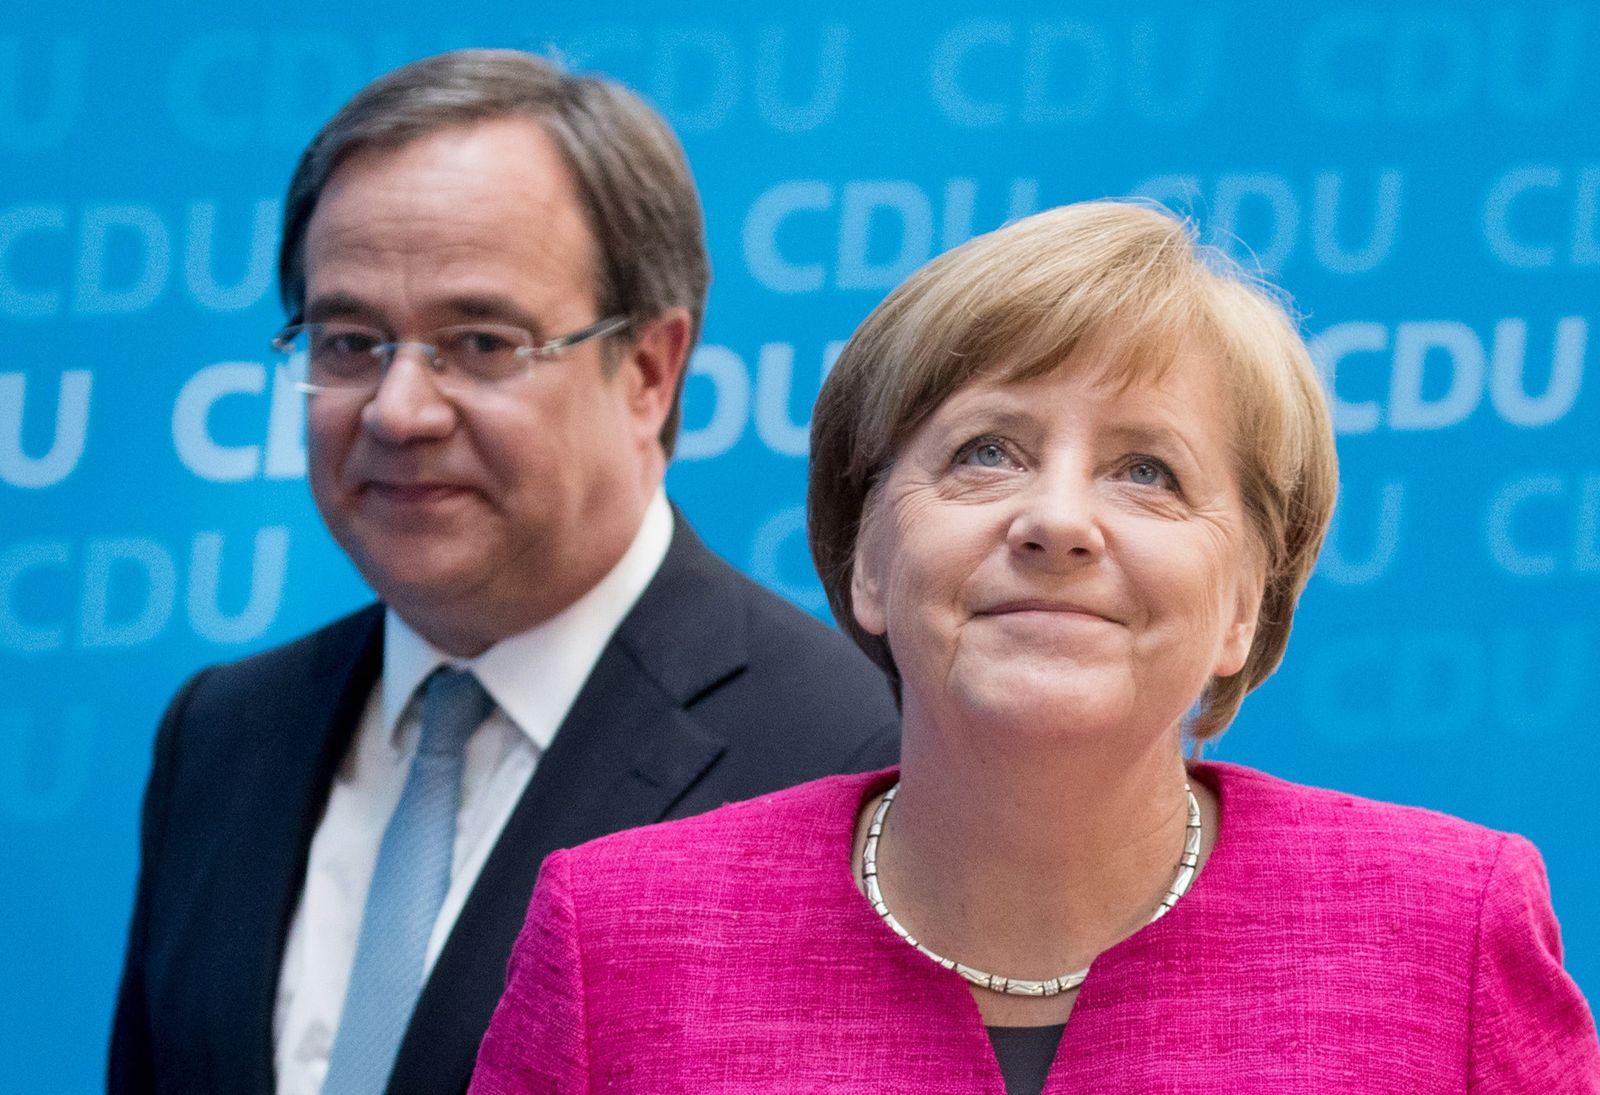 Landtagswahl in NRW / Laschet / Merkel